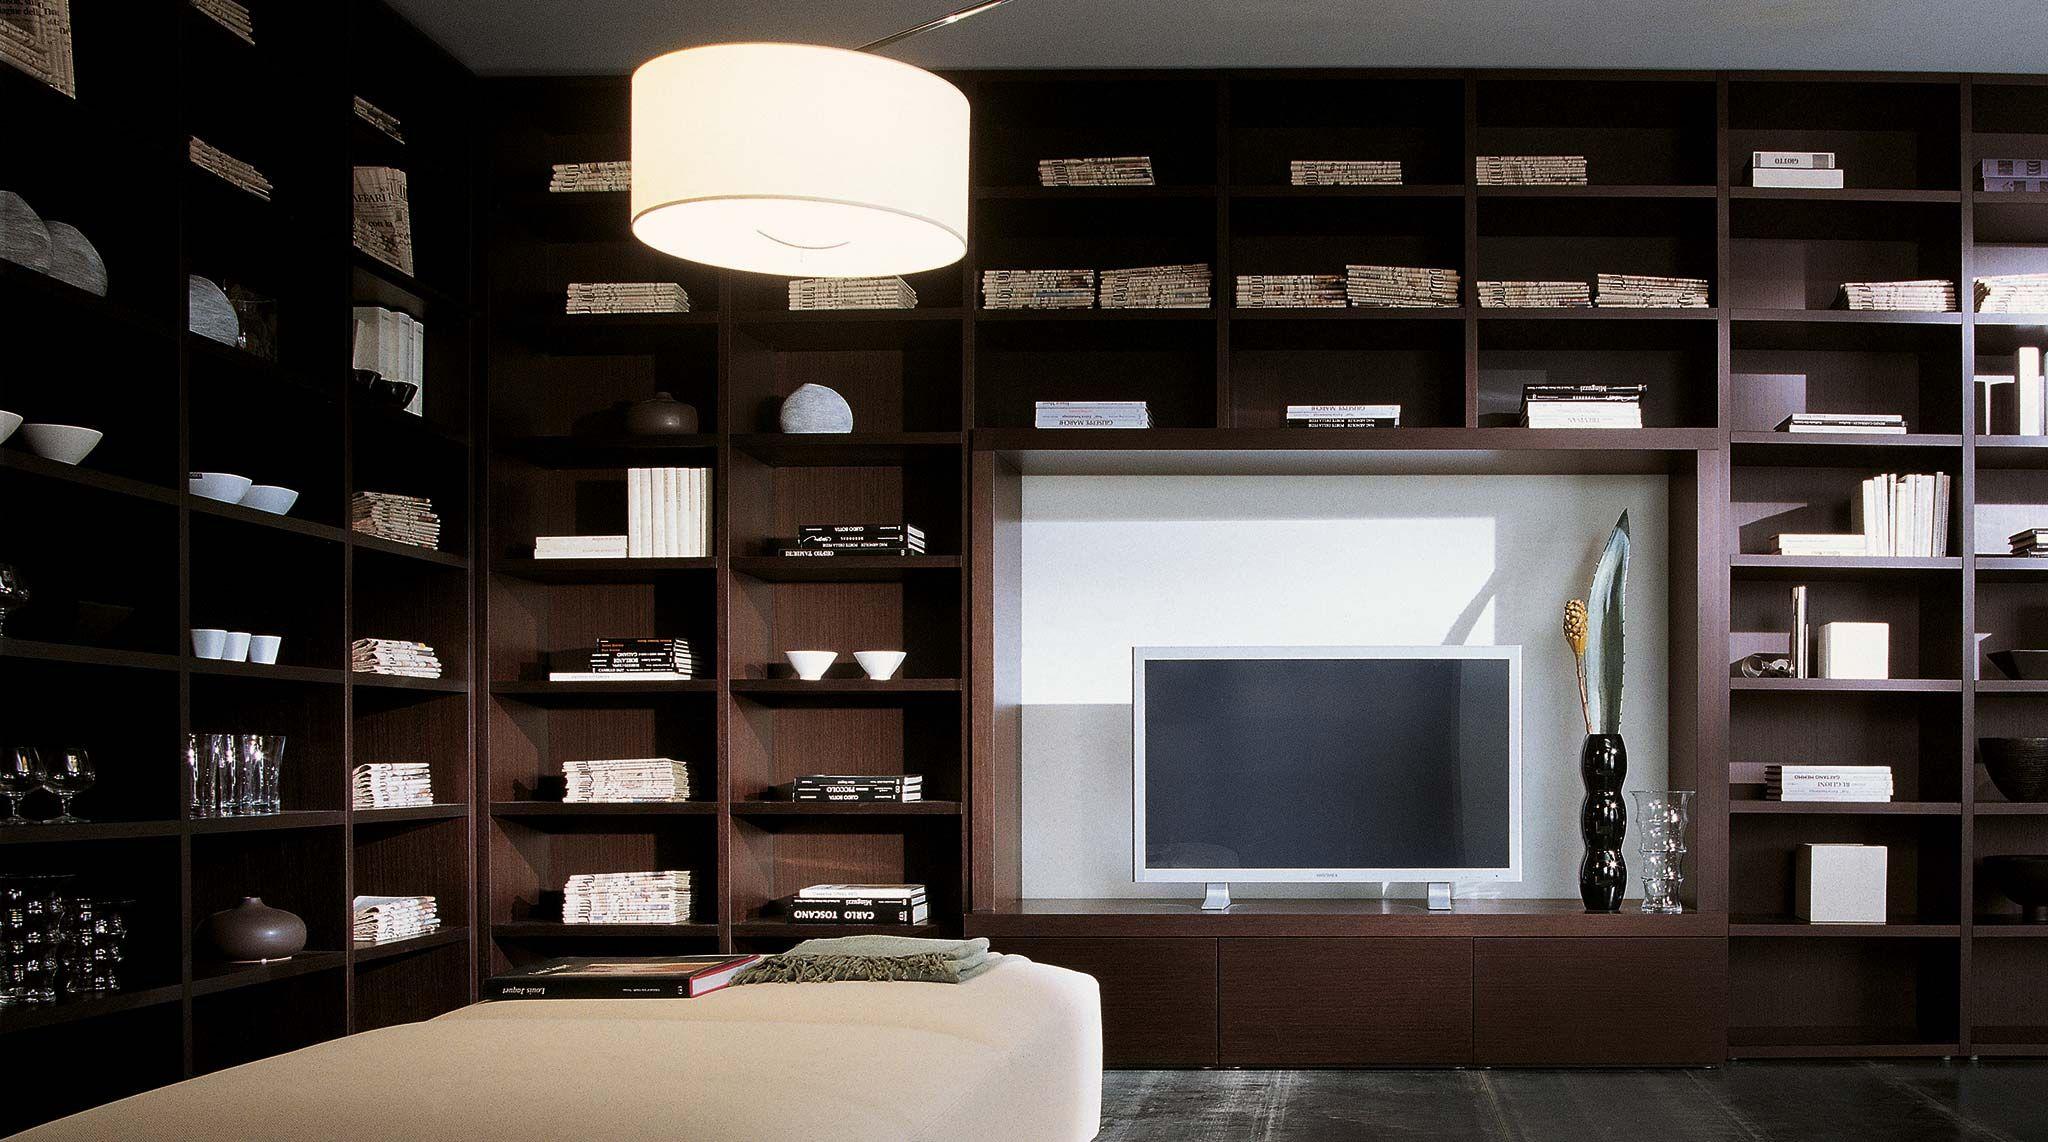 Vendita Librerie In Legno.Libreria In Legno Componibile A Parete Wood Librerie Design E